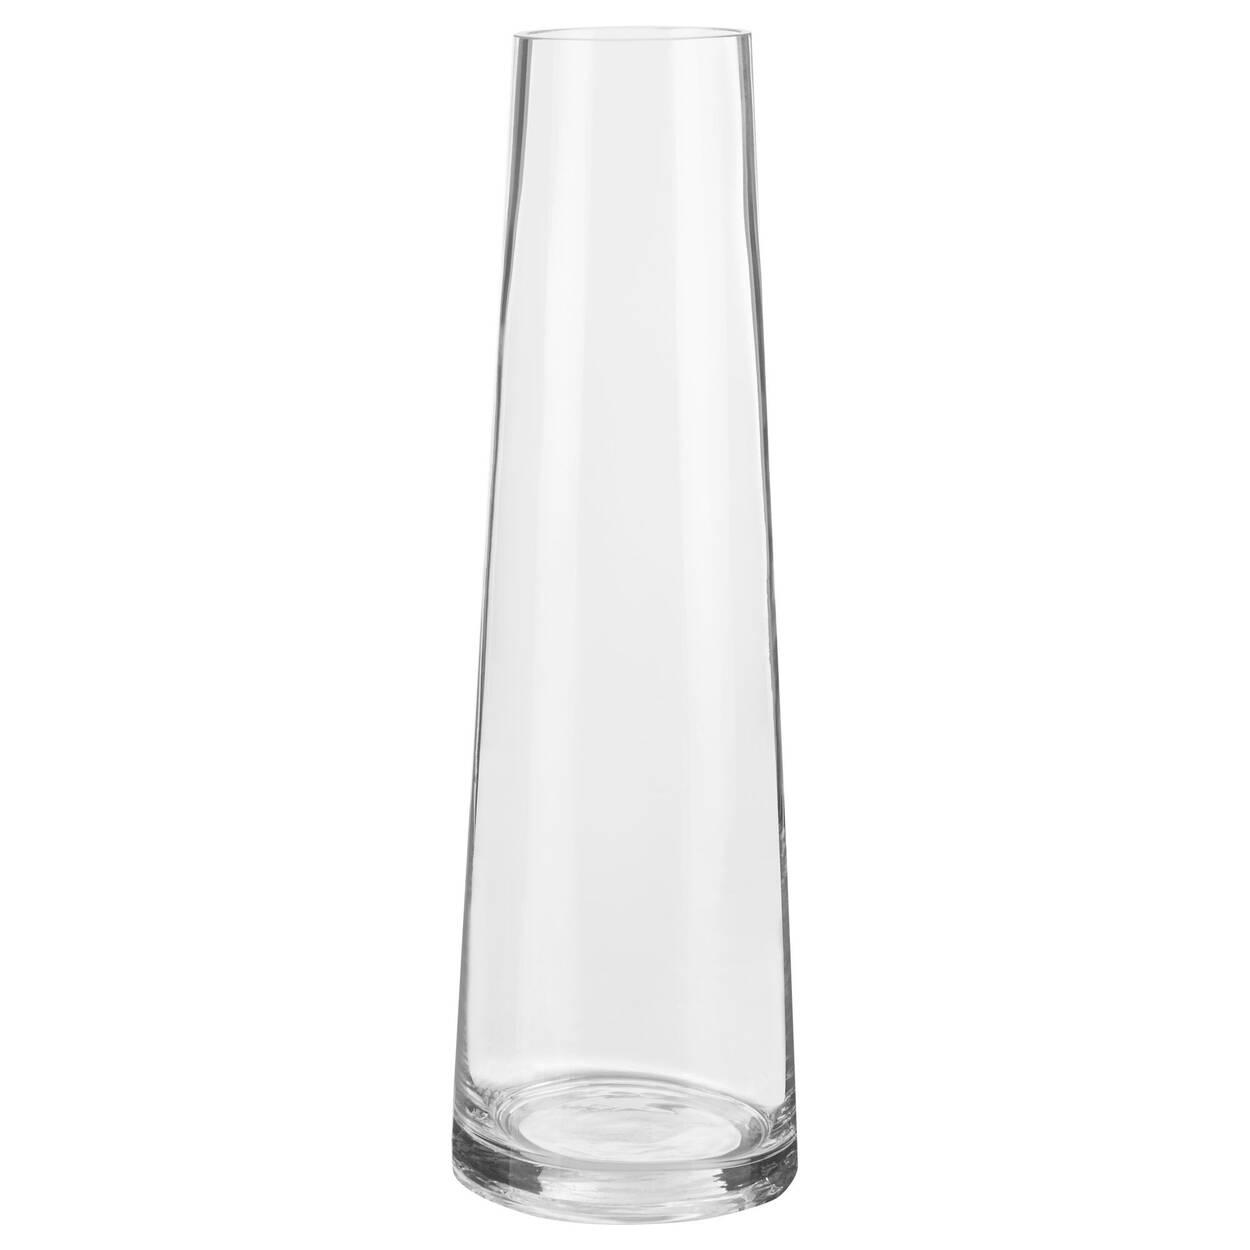 Vase de table en verre